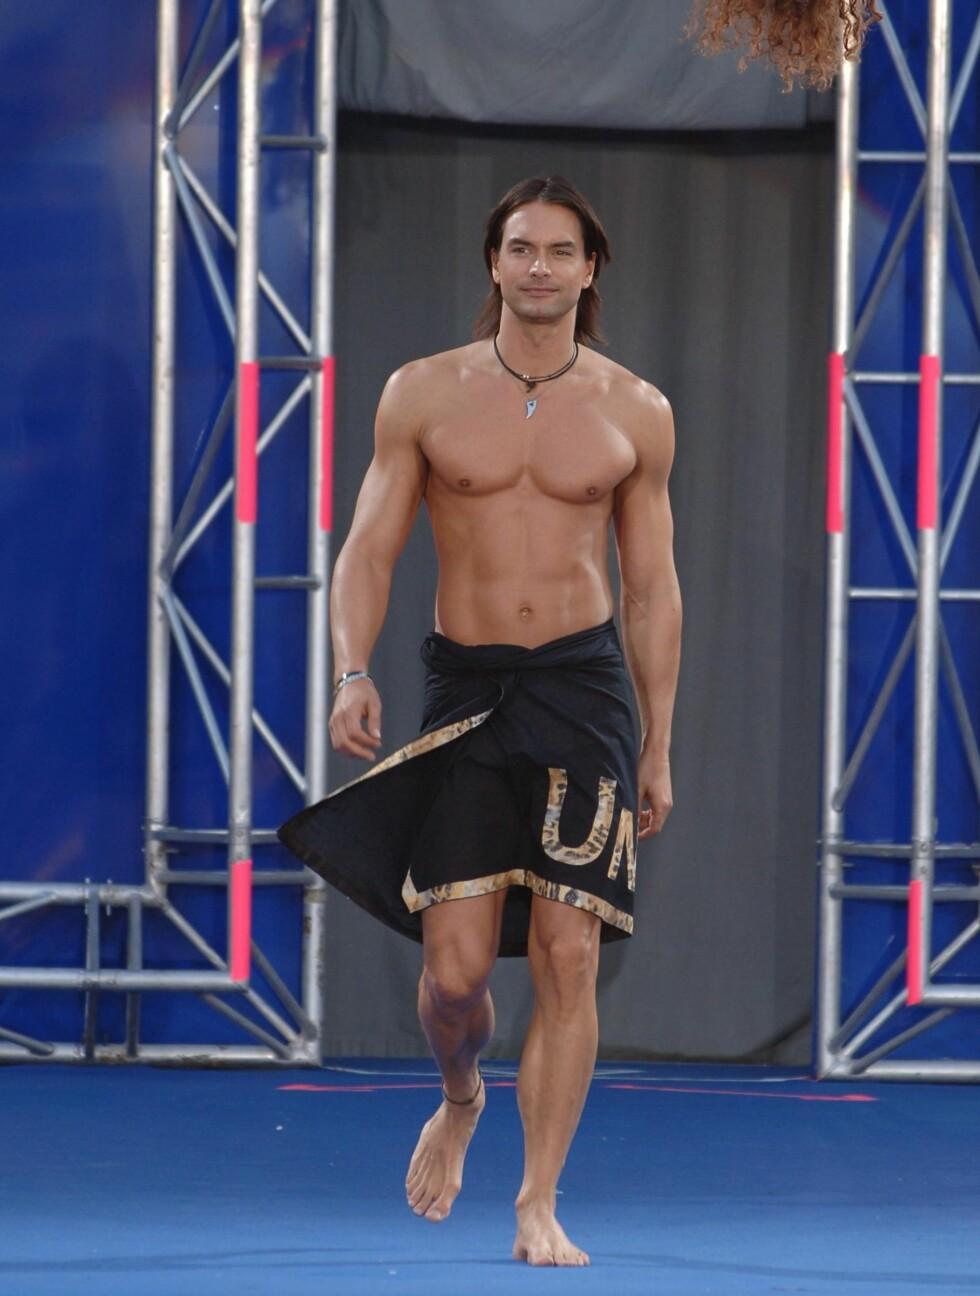 <strong>SÖTA BROR2:</strong> Den svenske supermodellen Marcus Schenkenberg (43) er nesten alltid å se i bar overkropp på catwalken. Foto: Stella Pictures